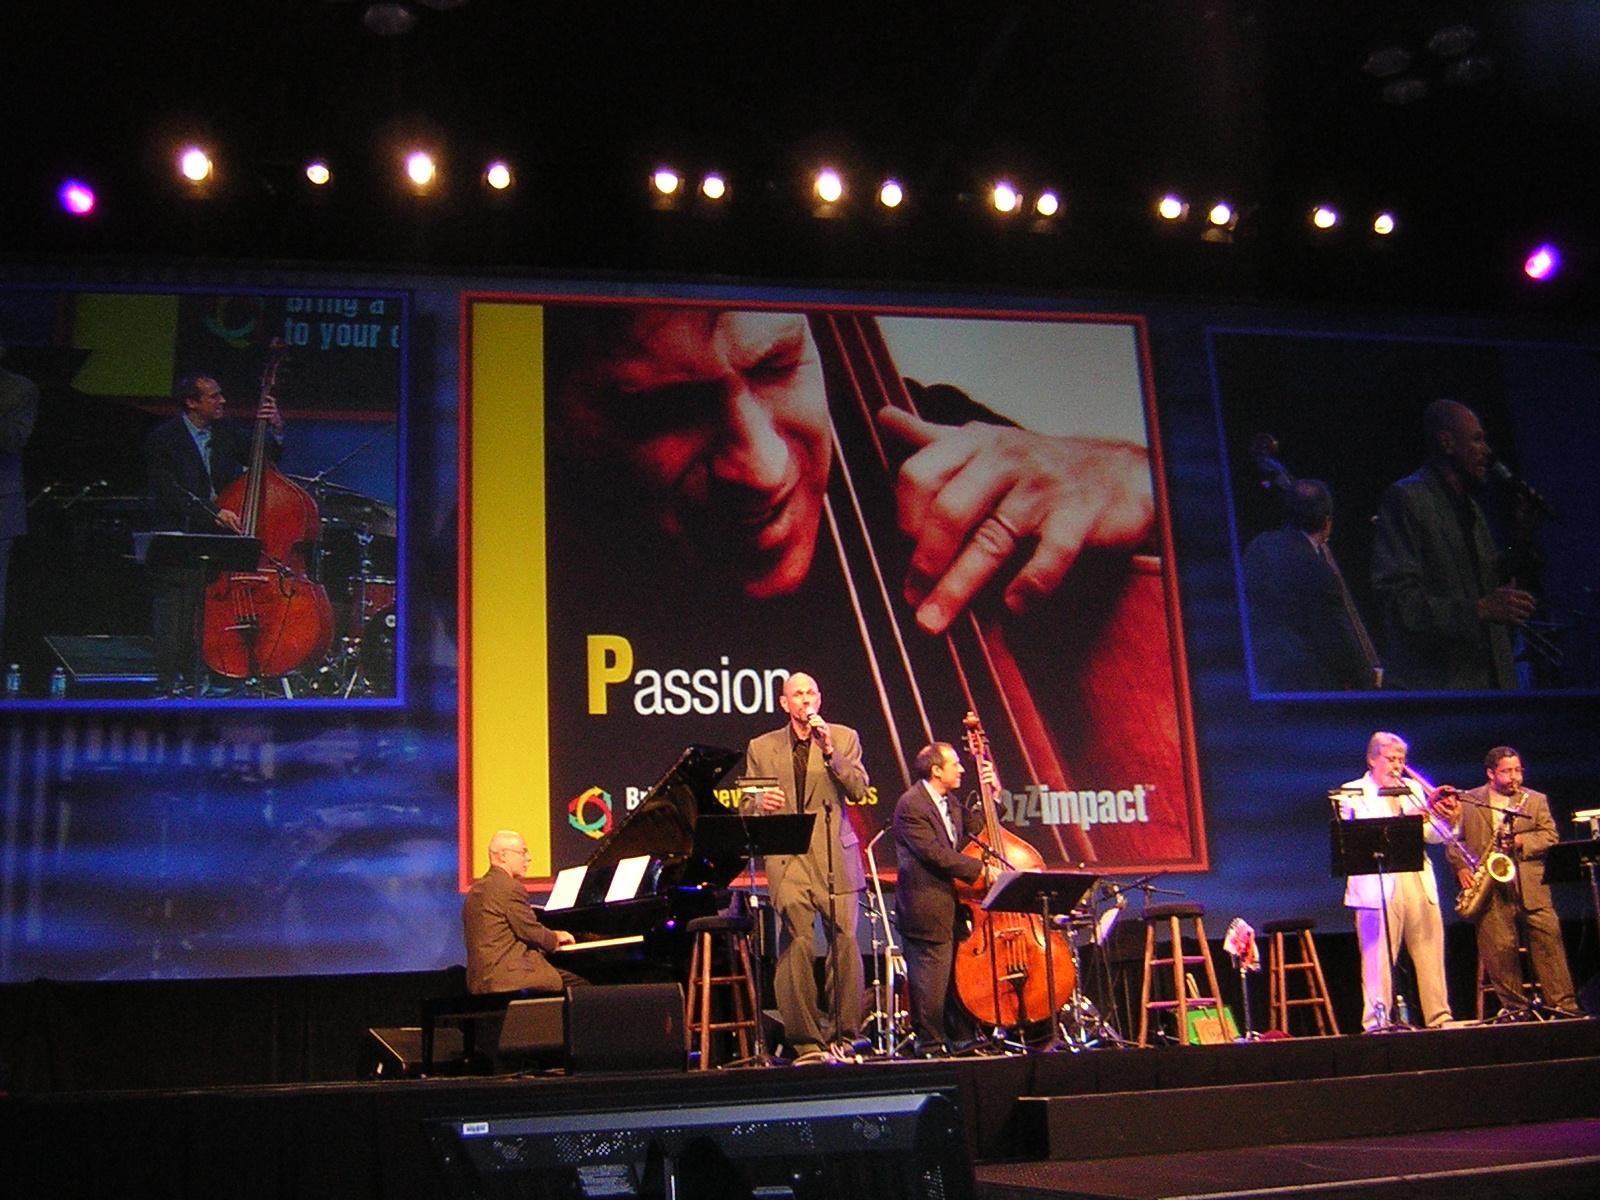 Live Performance, St. Louis, 2007